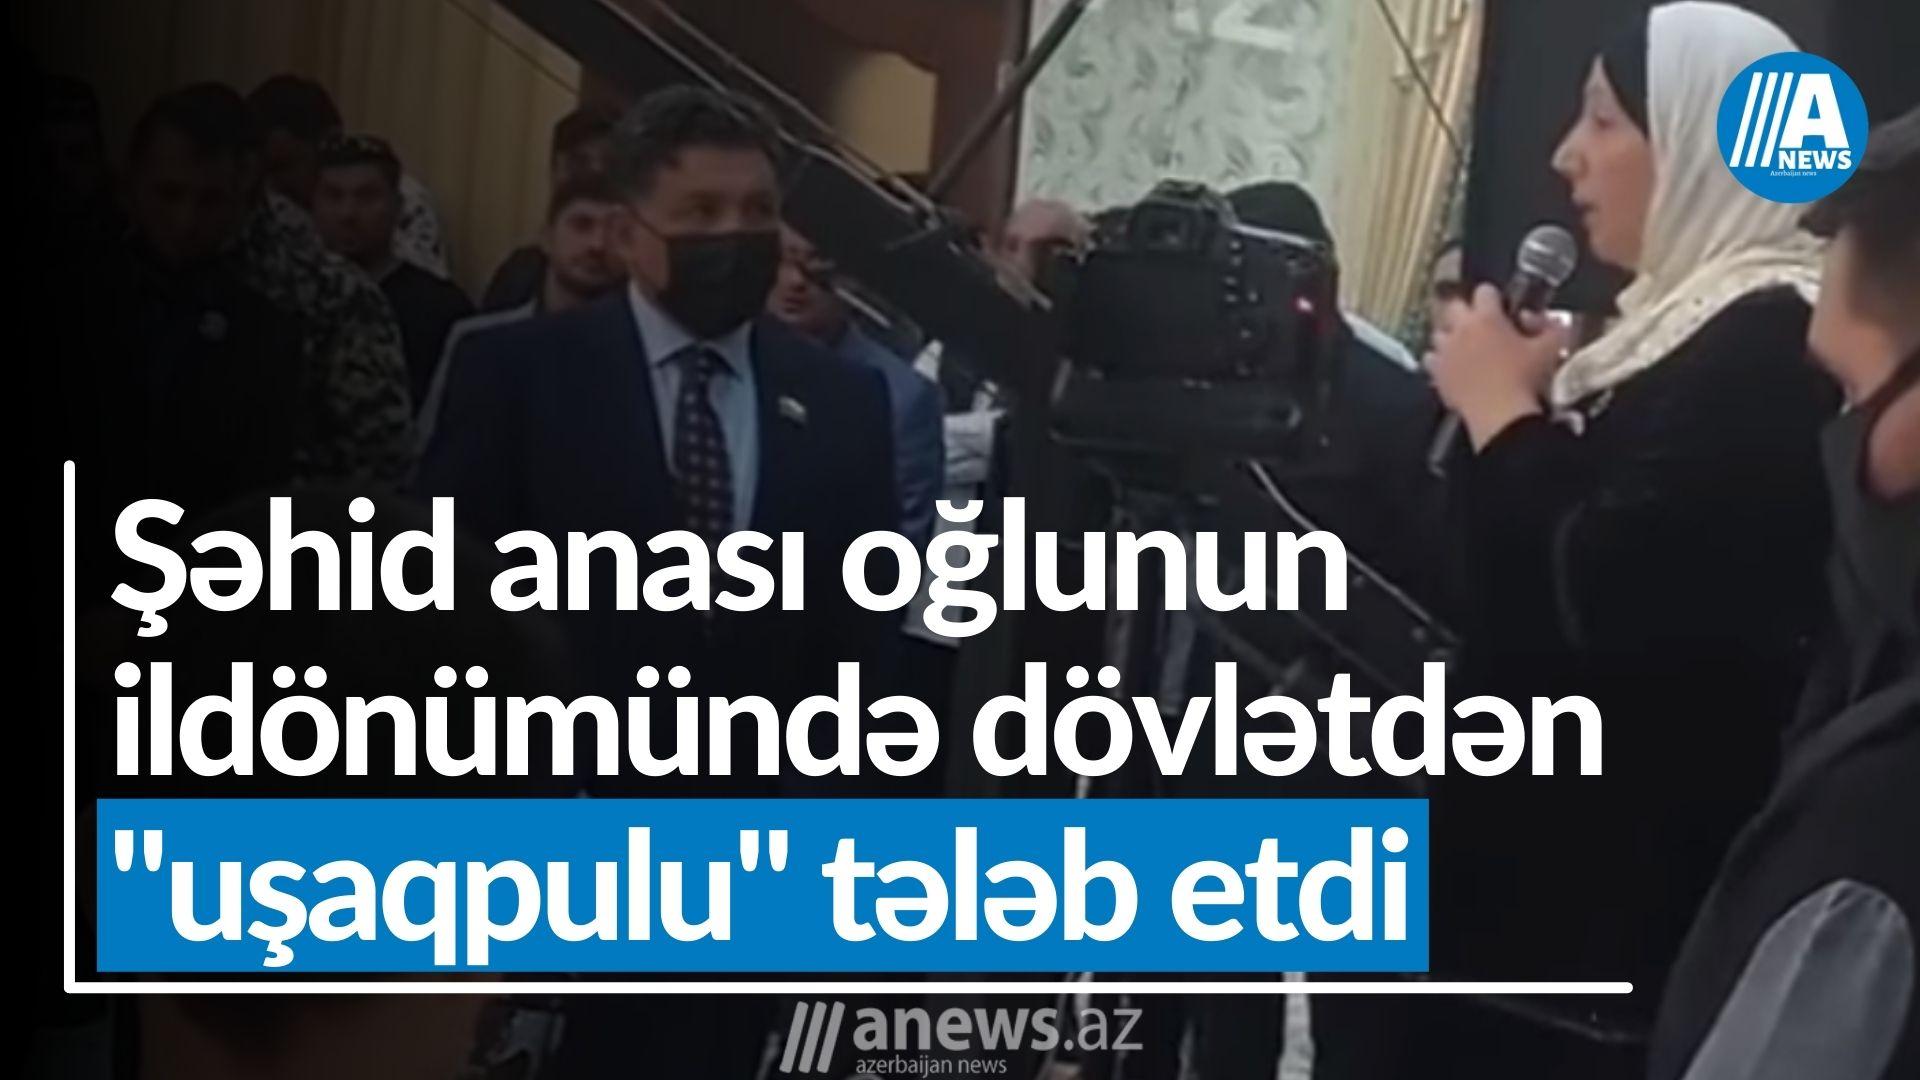 """Şəhid anası: """"Dövlət vaxtında mənə dəstək olmadı, qalanlara dəstək olsun"""" - VİDEO"""